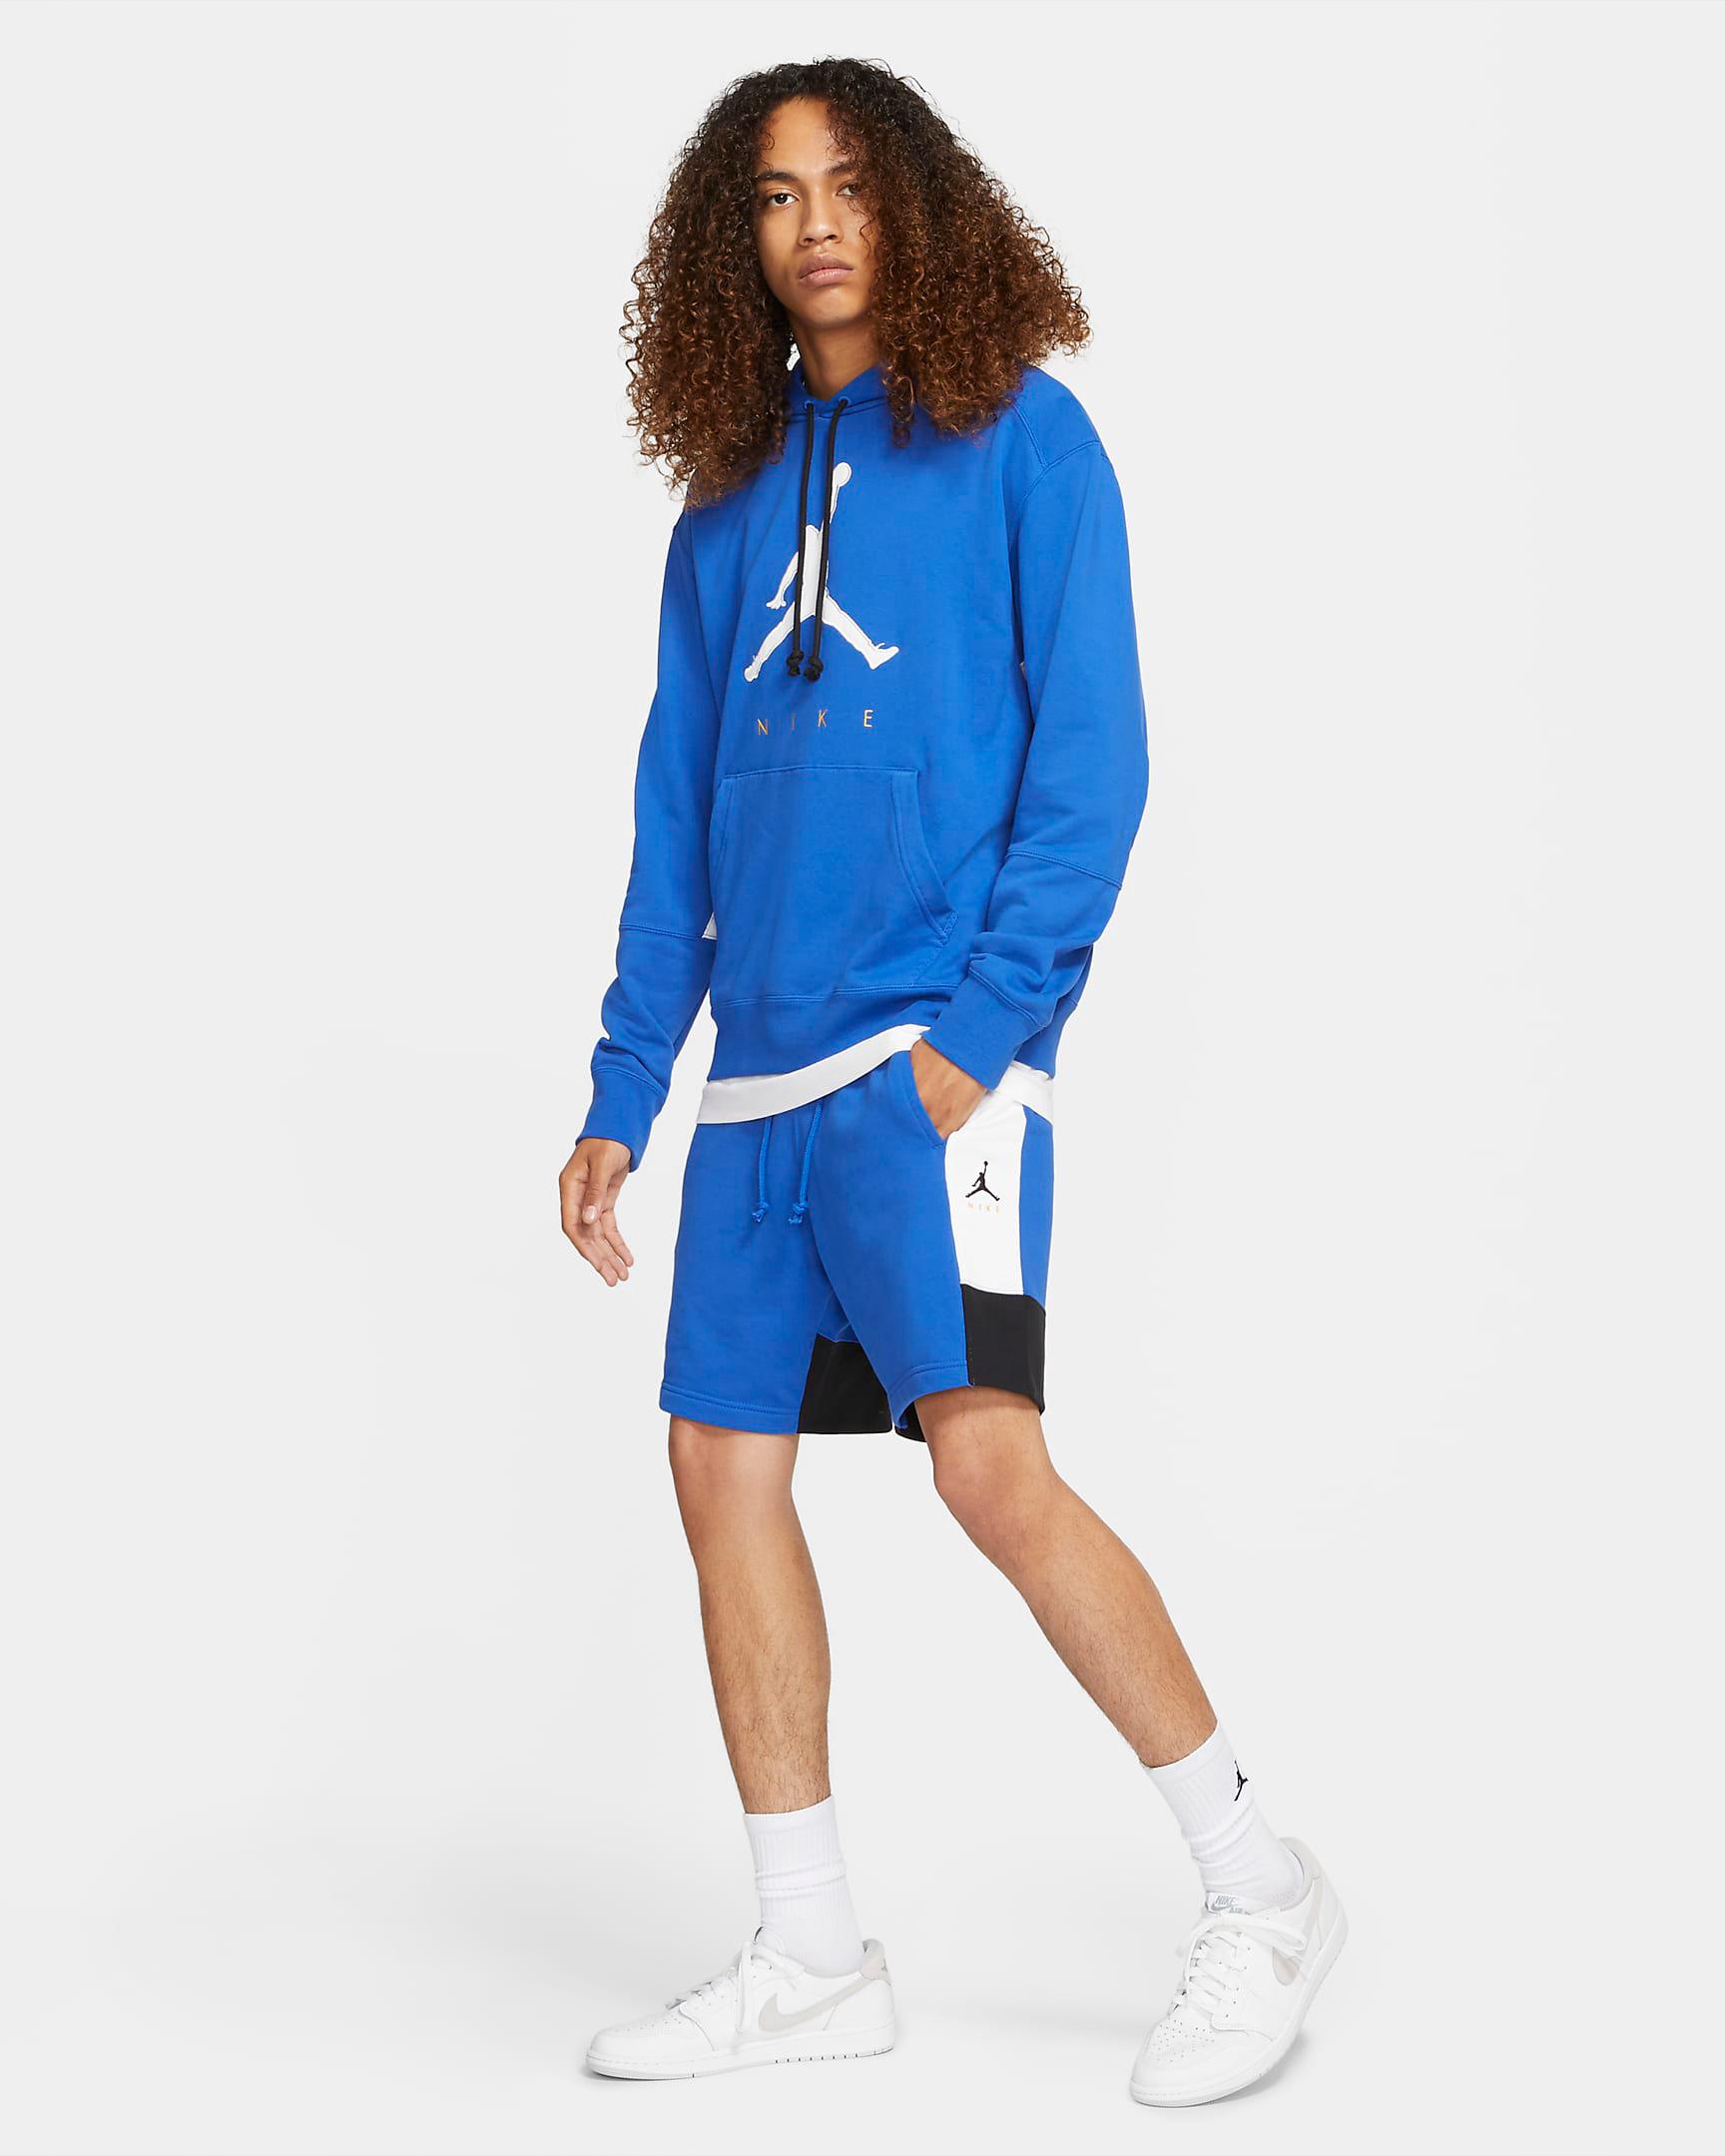 jordan-racer-blue-hoodie-shorts-outfit